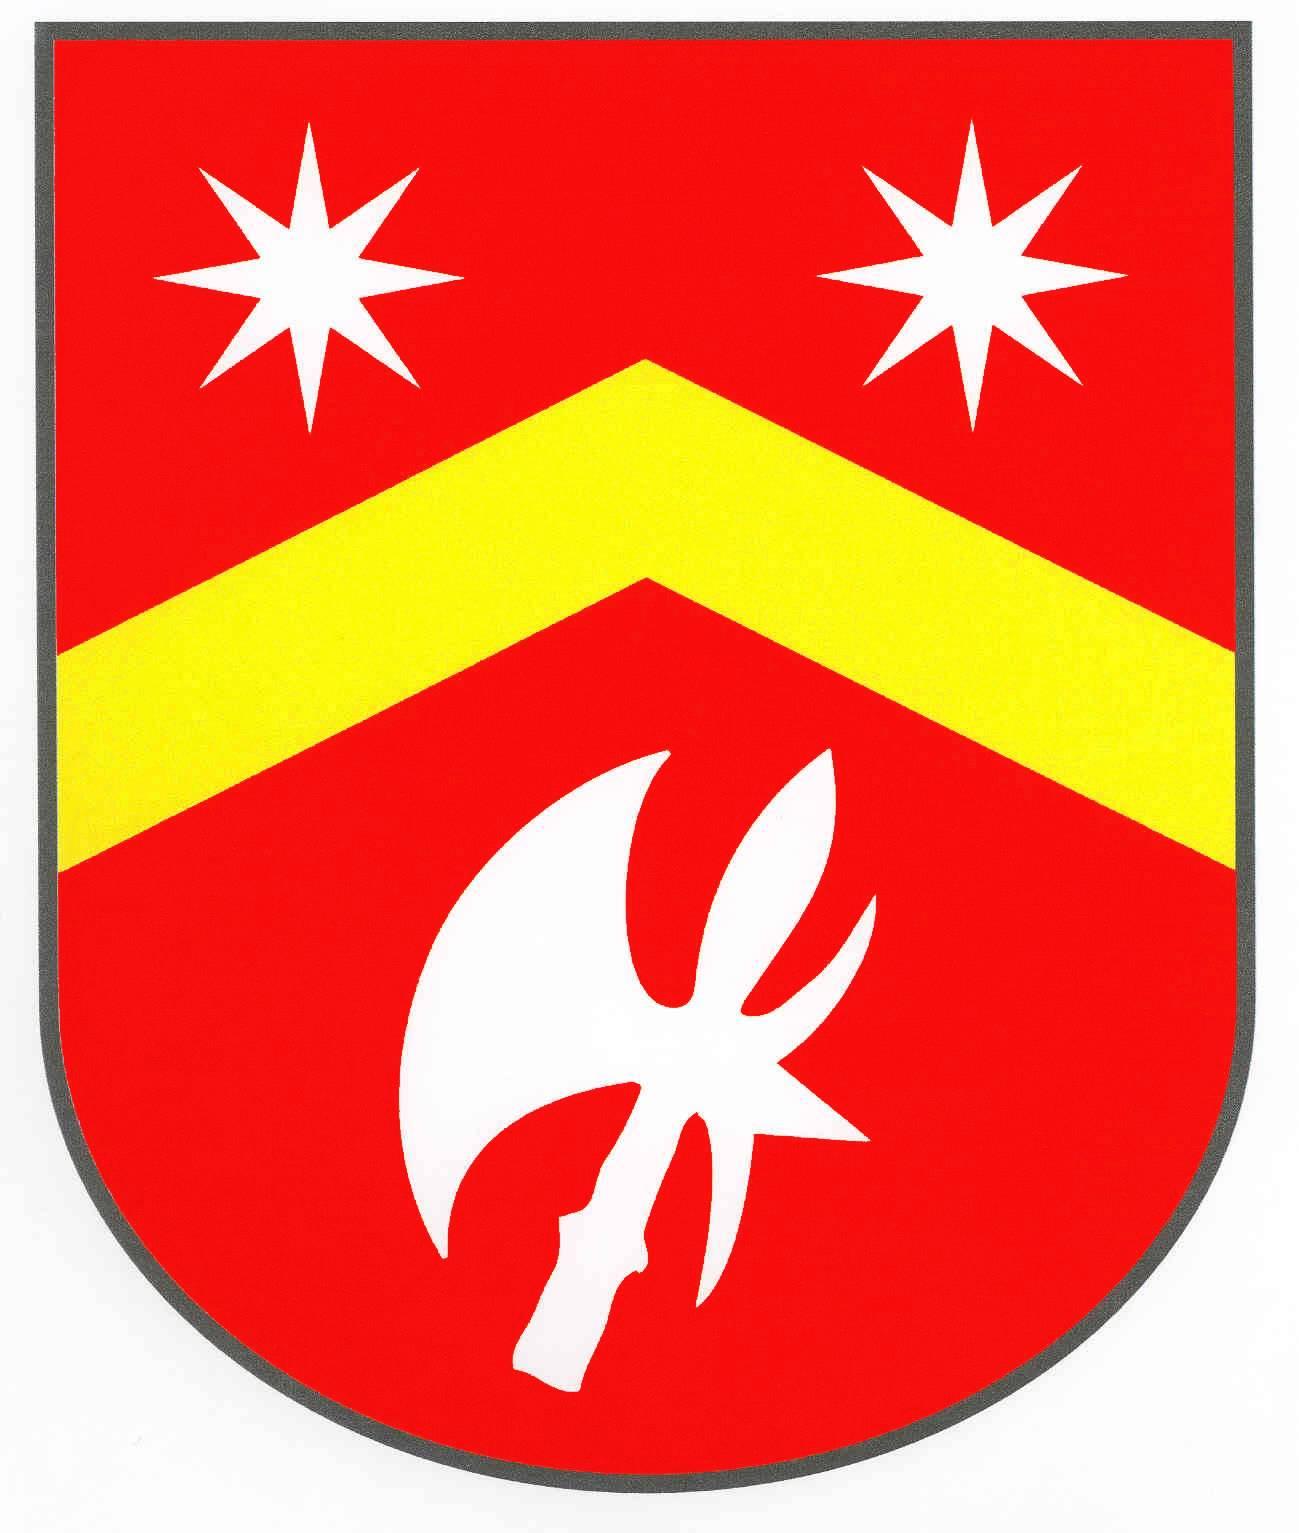 Wappen GemeindeNorddeich, Kreis Dithmarschen